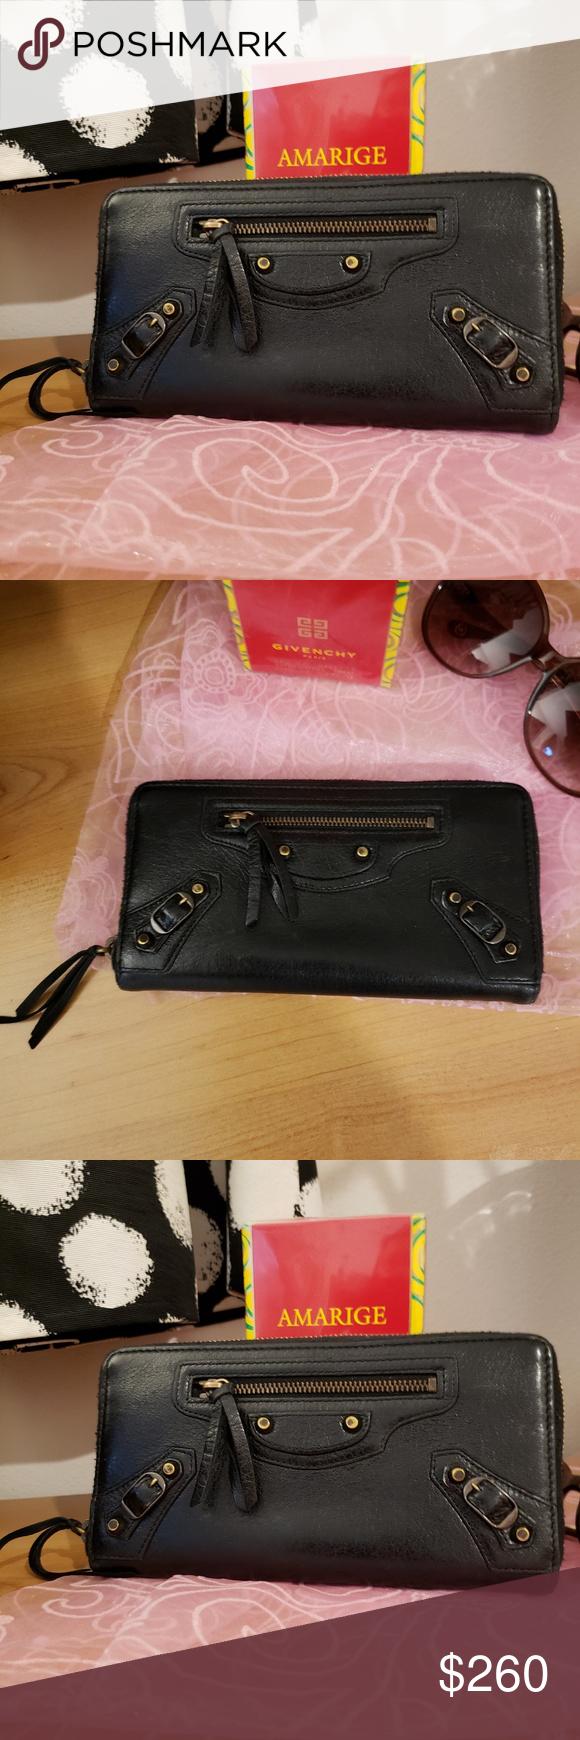 Low Priced Balenciaga Wallet Balenciaga Wallet Balenciaga Bag Designer Wallets